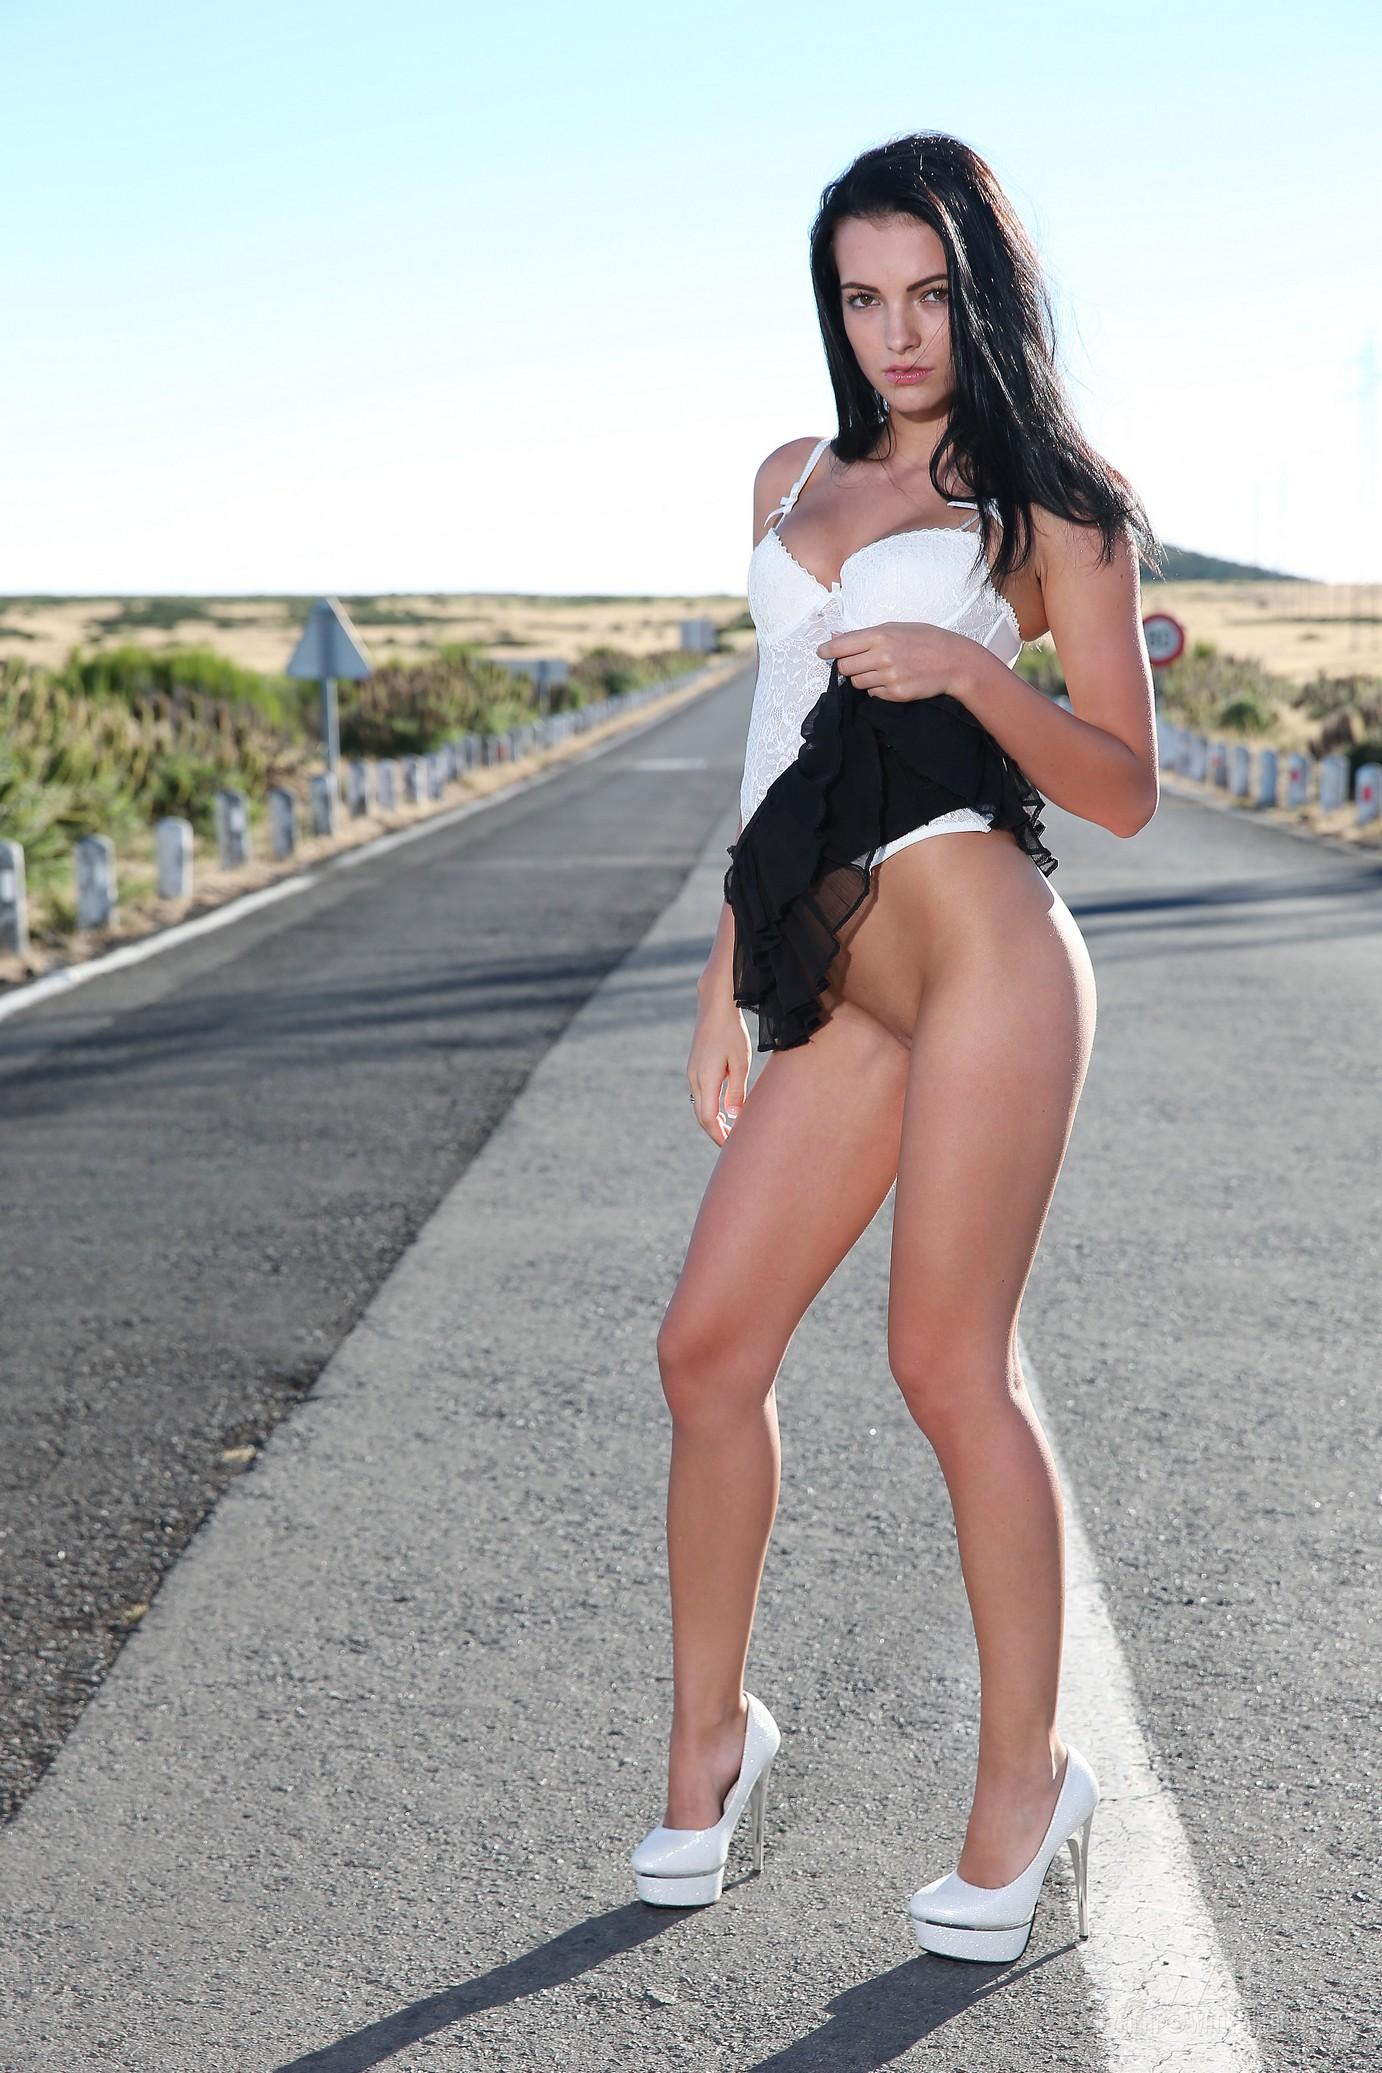 sapphira-naked-madeira-road-high-heels-brunette-w4b-08